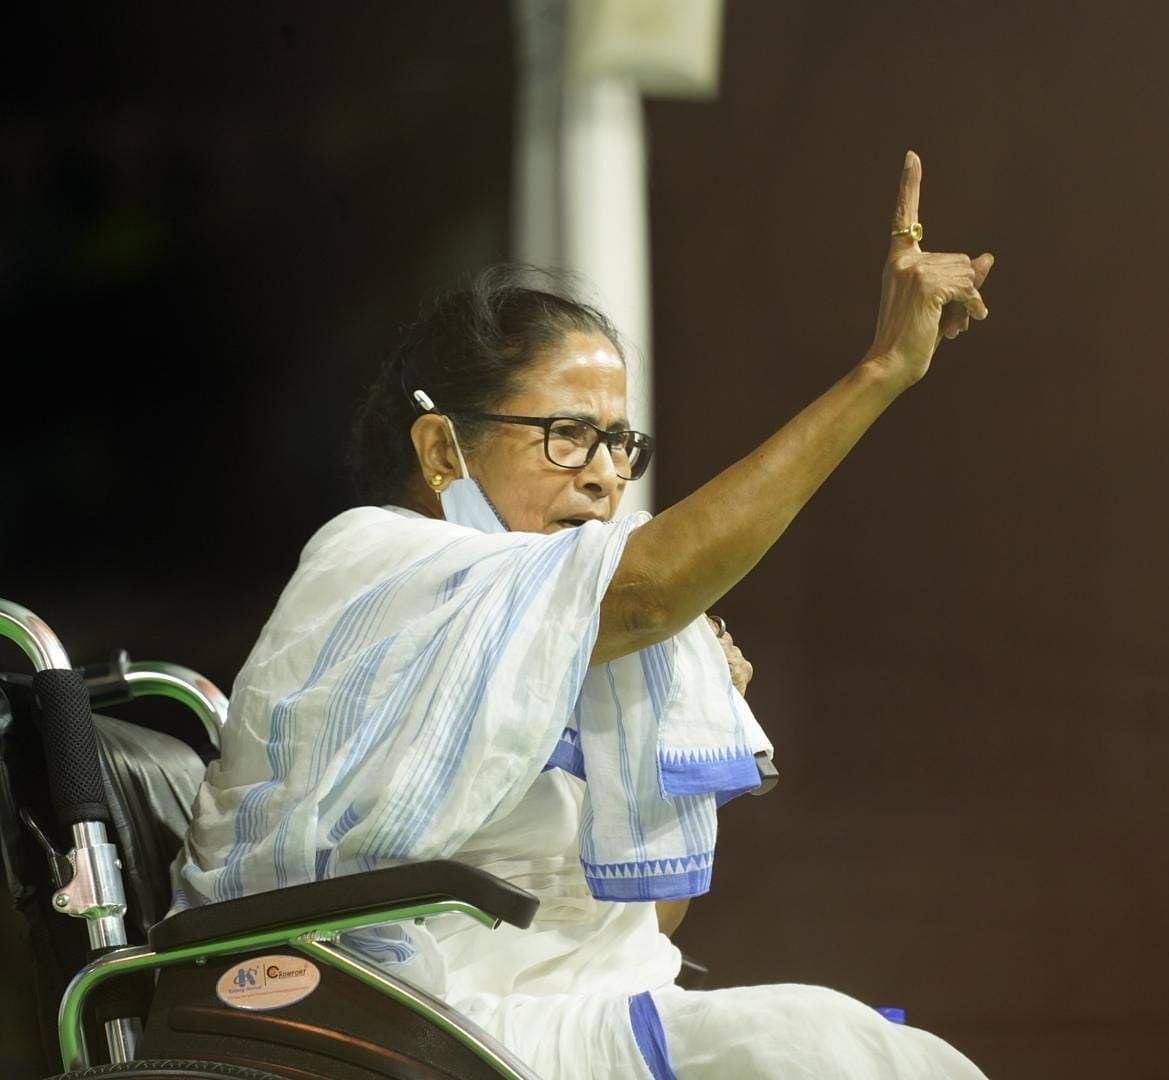 Bengal Election 2021: शीतलकुची में चार लोगों की मौत का बदला लेंगी ममता, कहा- घटनास्थल पर जाऊंगी